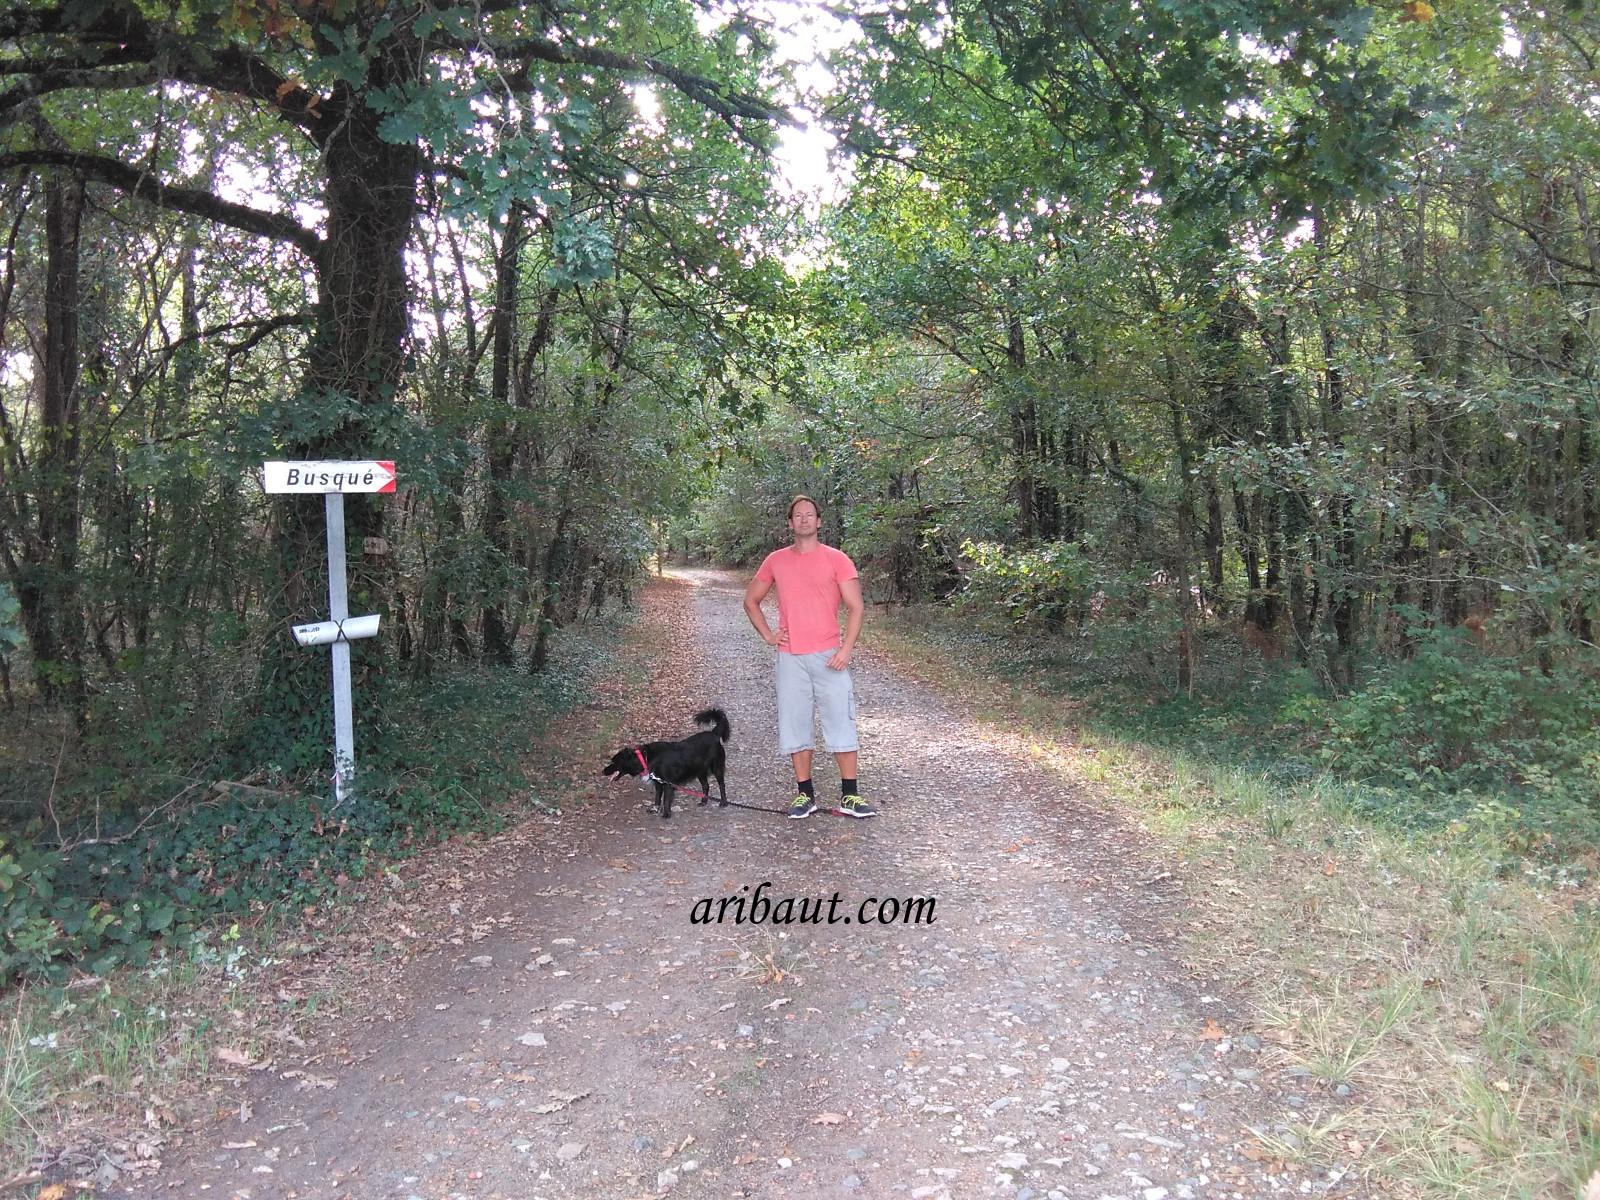 pierre-aribaut-zetrader-france-rion-des-landes-region-dax-landes-18-octobre-2018-foret-bois.jpg